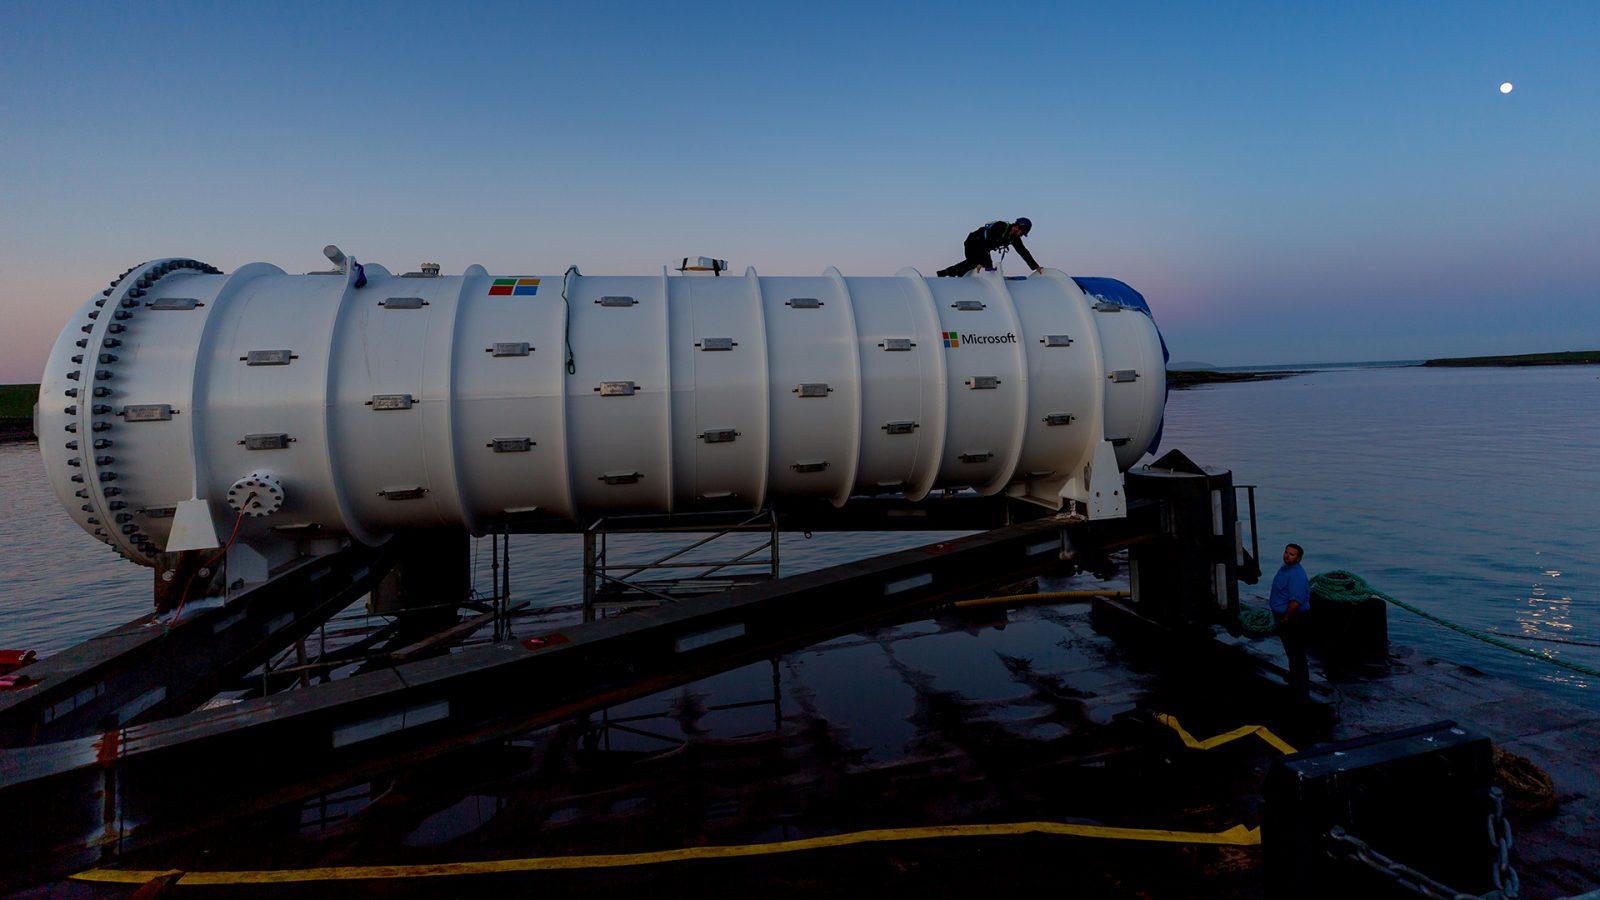 Tehnologiile submarinelor utilizate pentru a realiza centre de date oceanice pentru cloud și big data